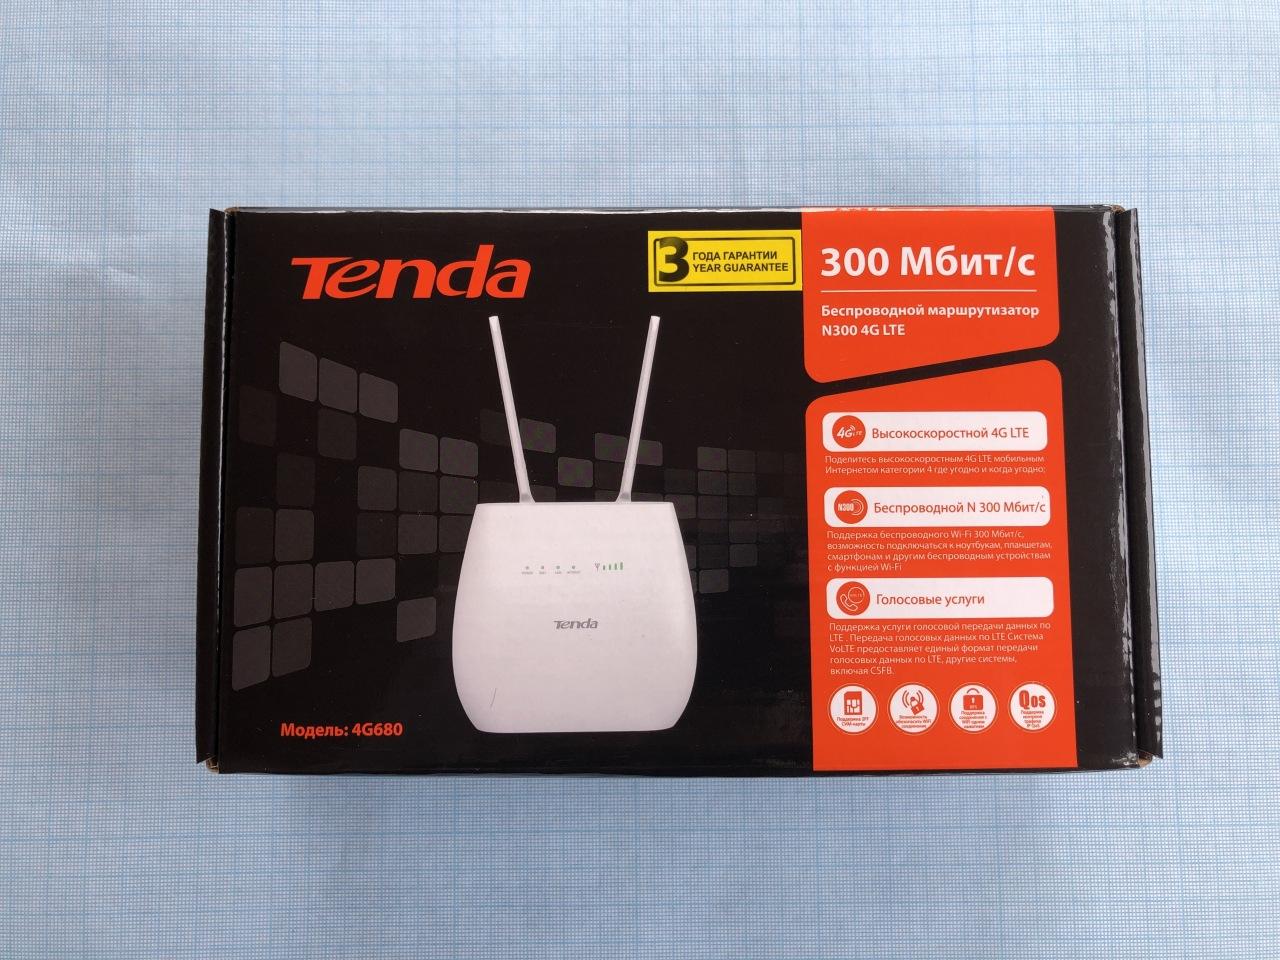 Обзор и тестирование 4G роутера Tenda 4G680 V2